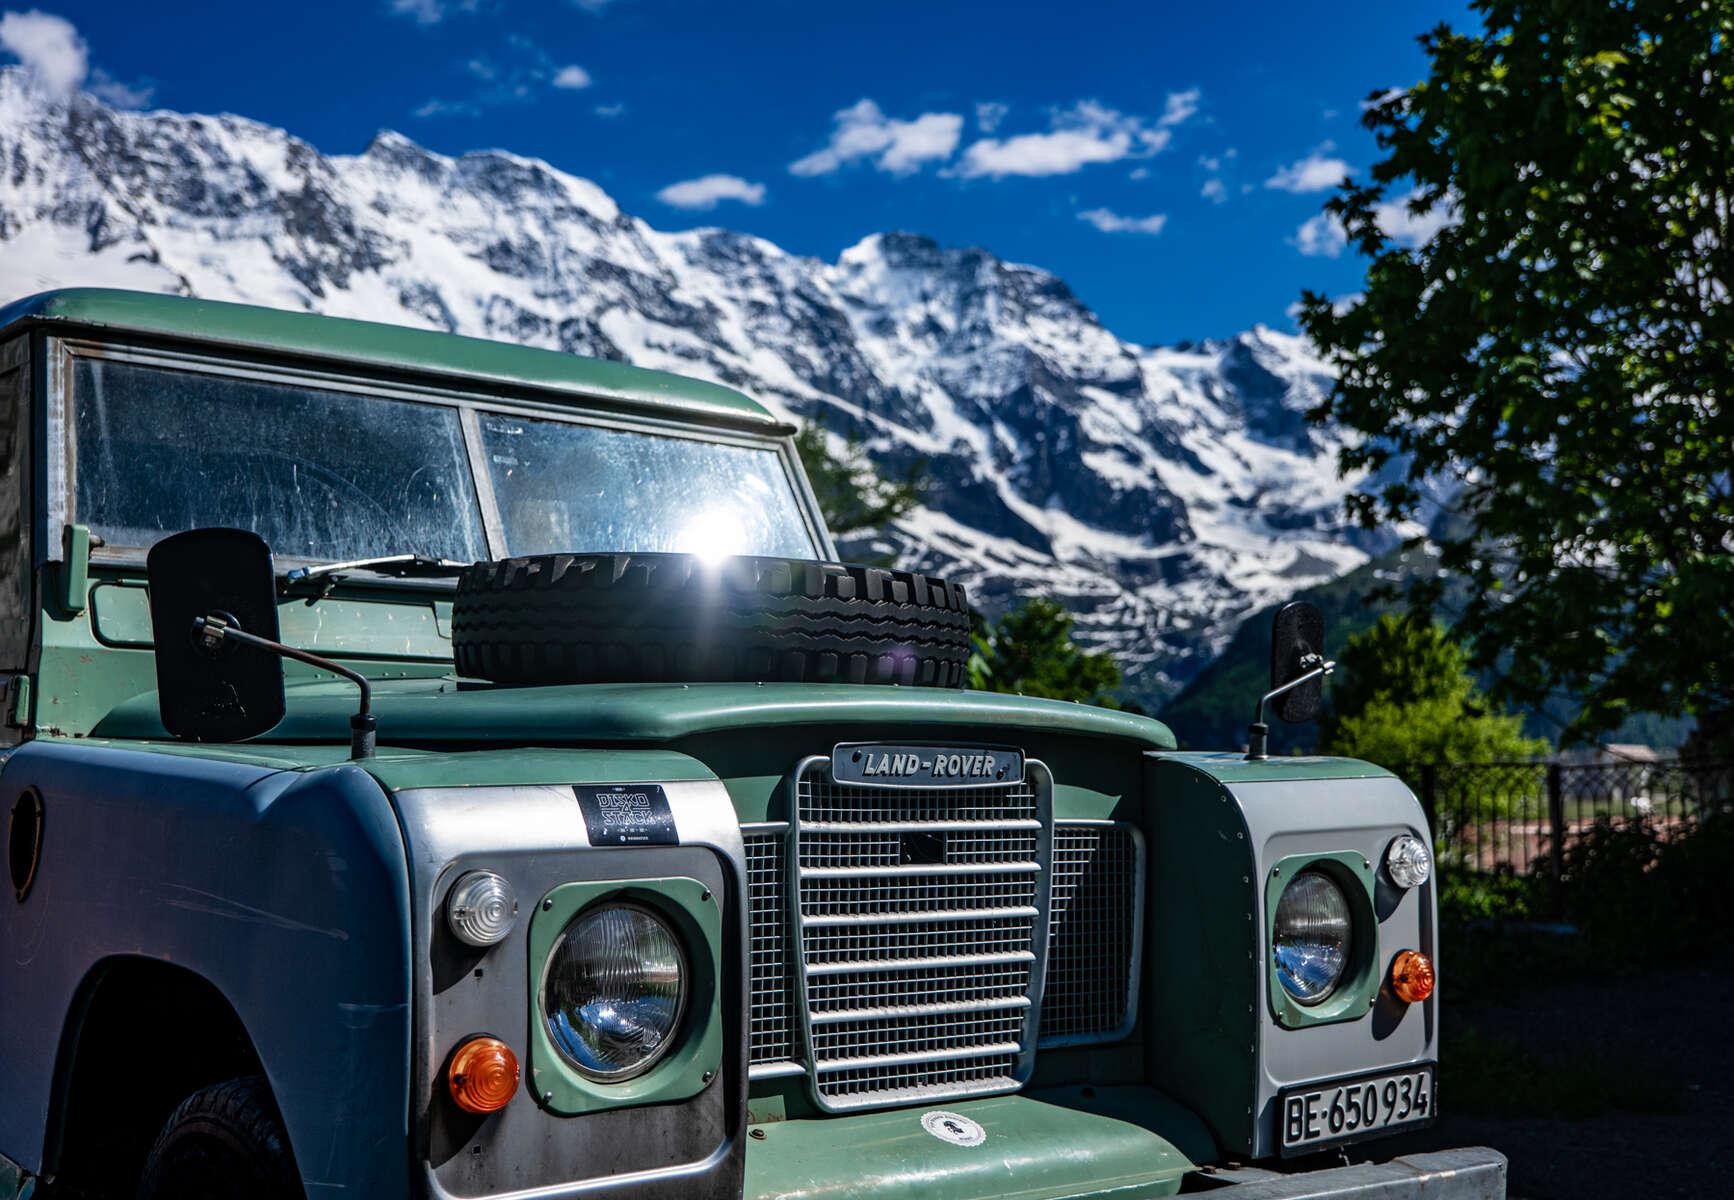 Old Land Rover, Murren, Switzerland